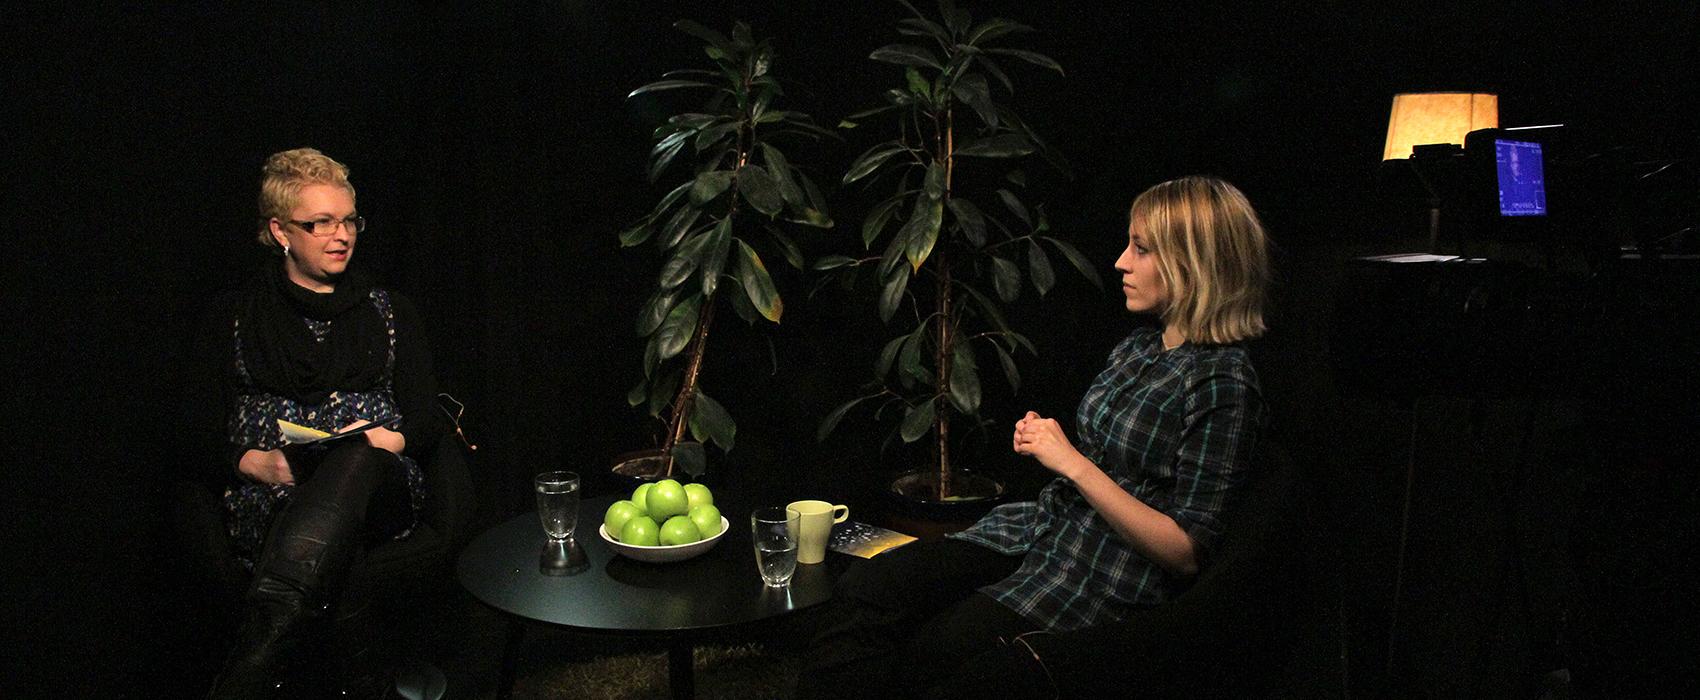 Åsa Svanström i GLIMT studion